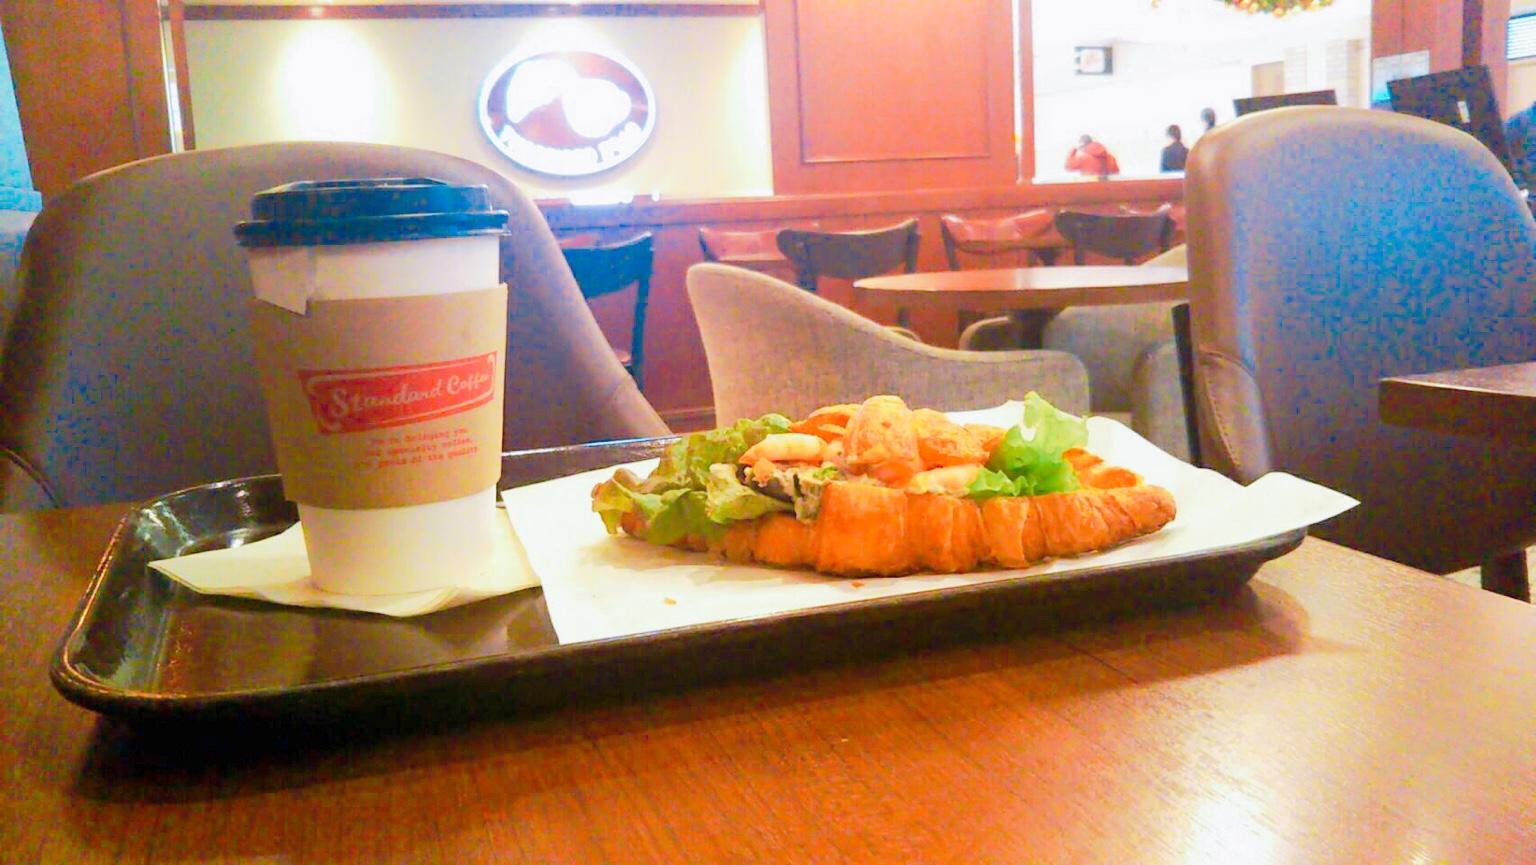 札幌駅「カフェクロワッサン」のモーニング!アピアにある朝食スポット